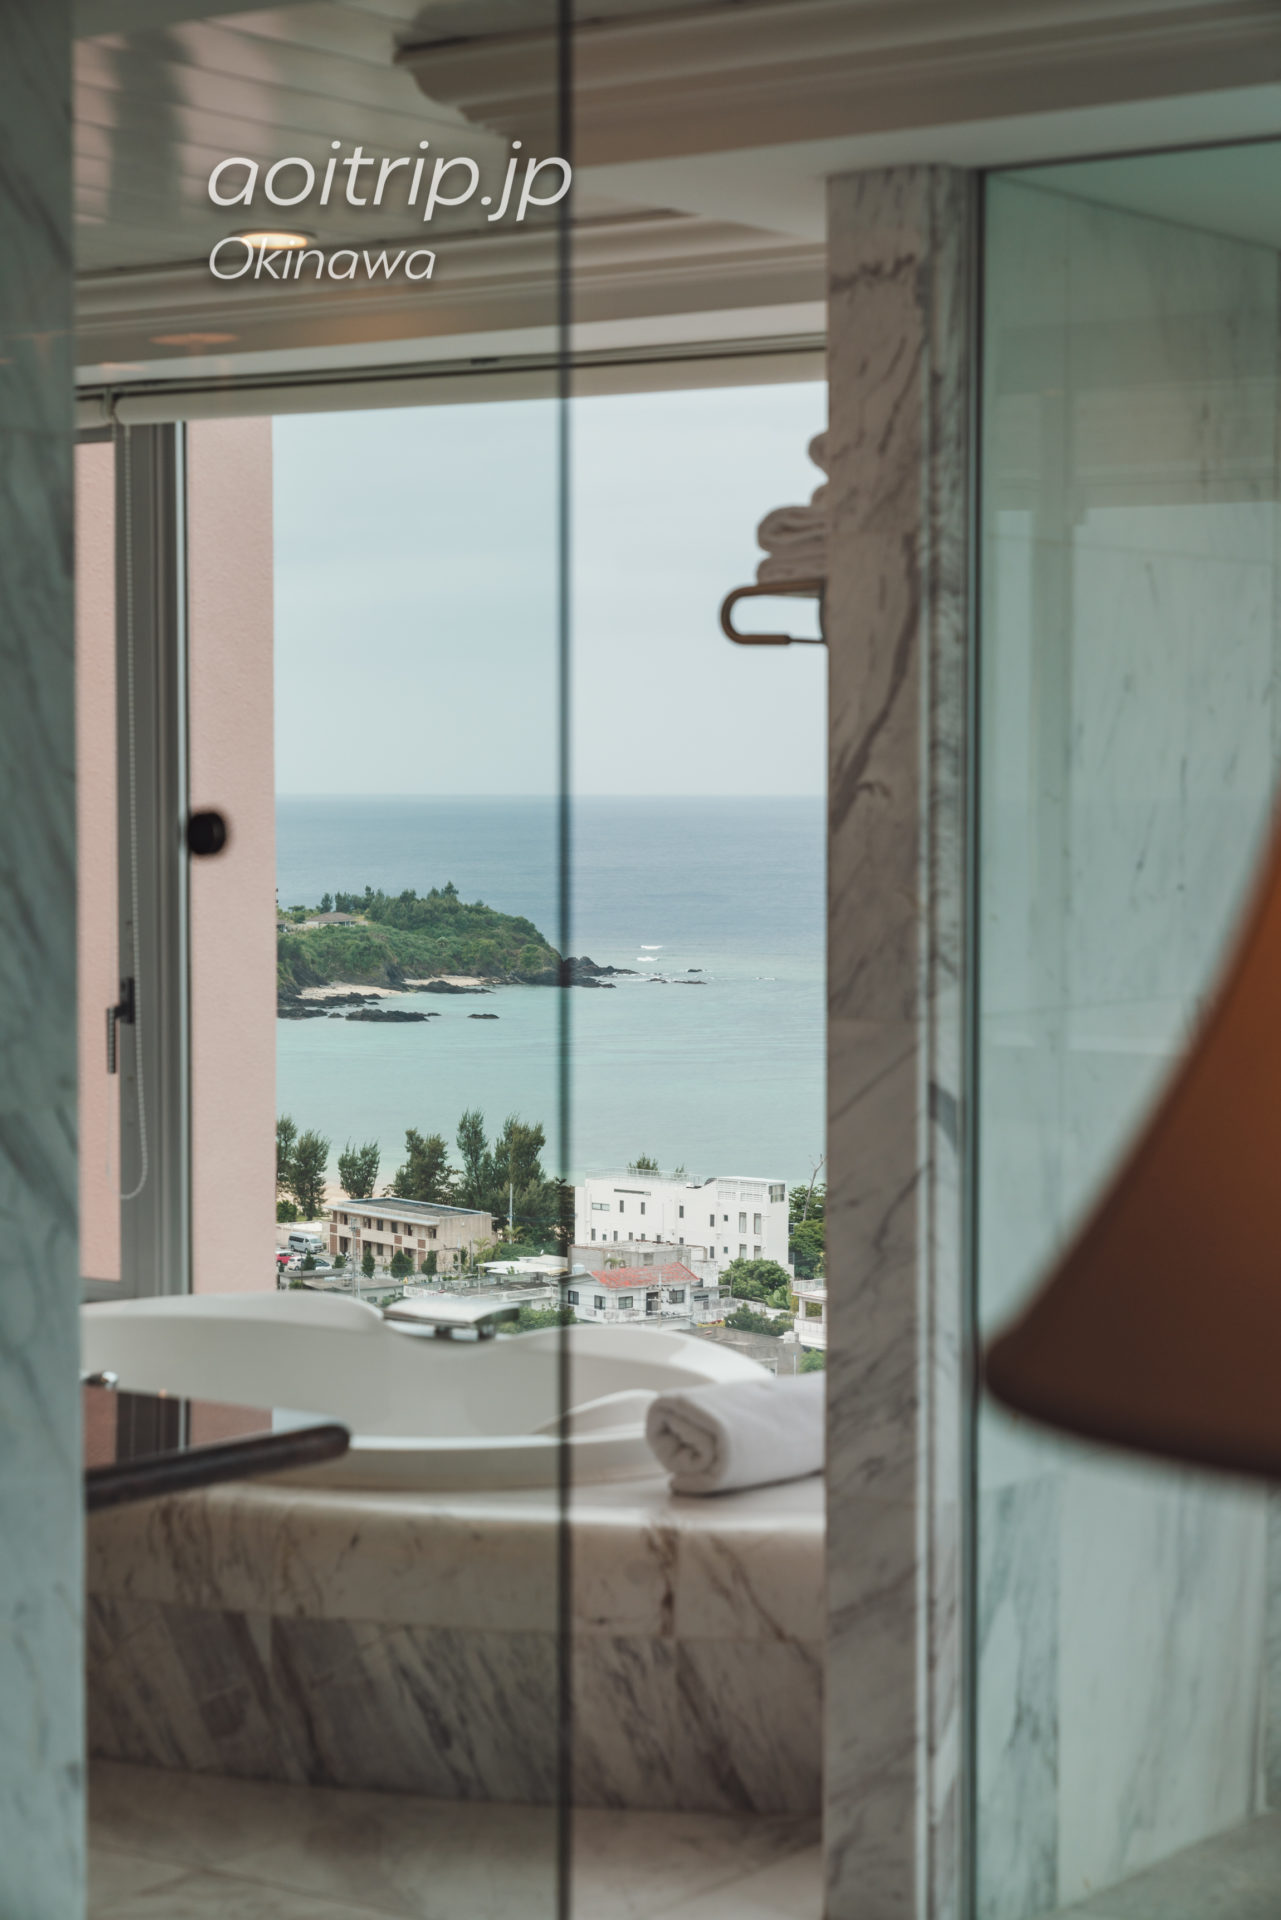 オキナワ マリオット リゾート & スパのバスルーム オーシャンビュー